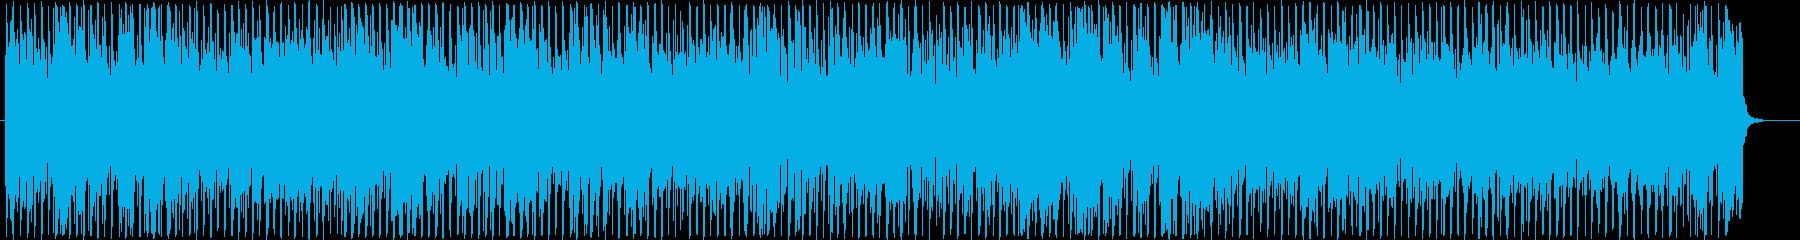 ダンスボールルーム。ブルースとロッ...の再生済みの波形